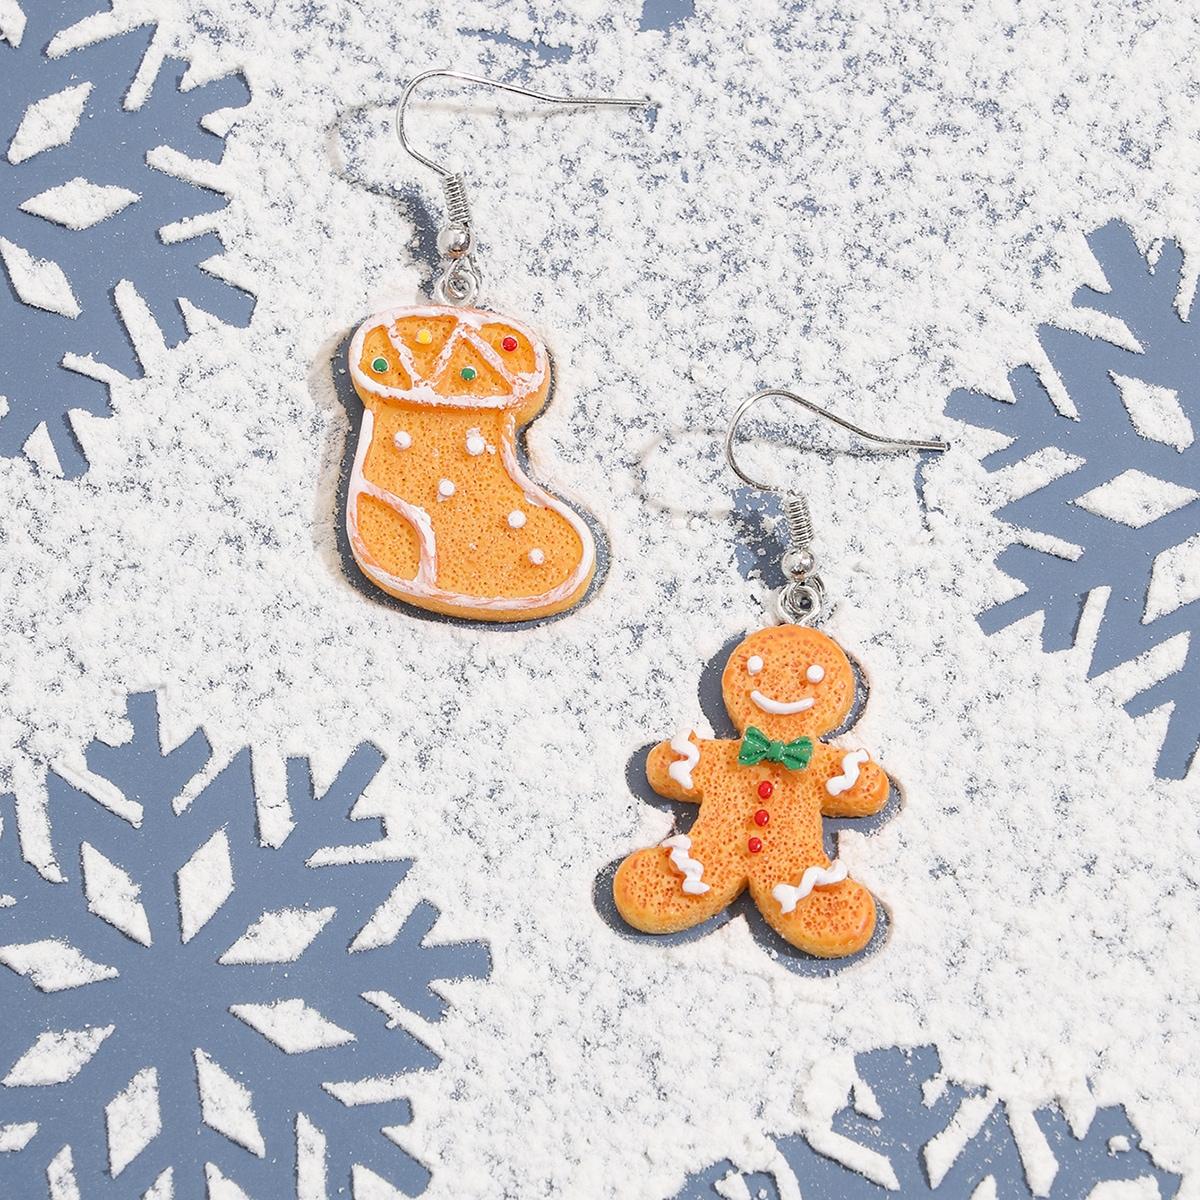 SHEIN / Weihnachten Ohrringe mit Schneemann Design und Keks Design